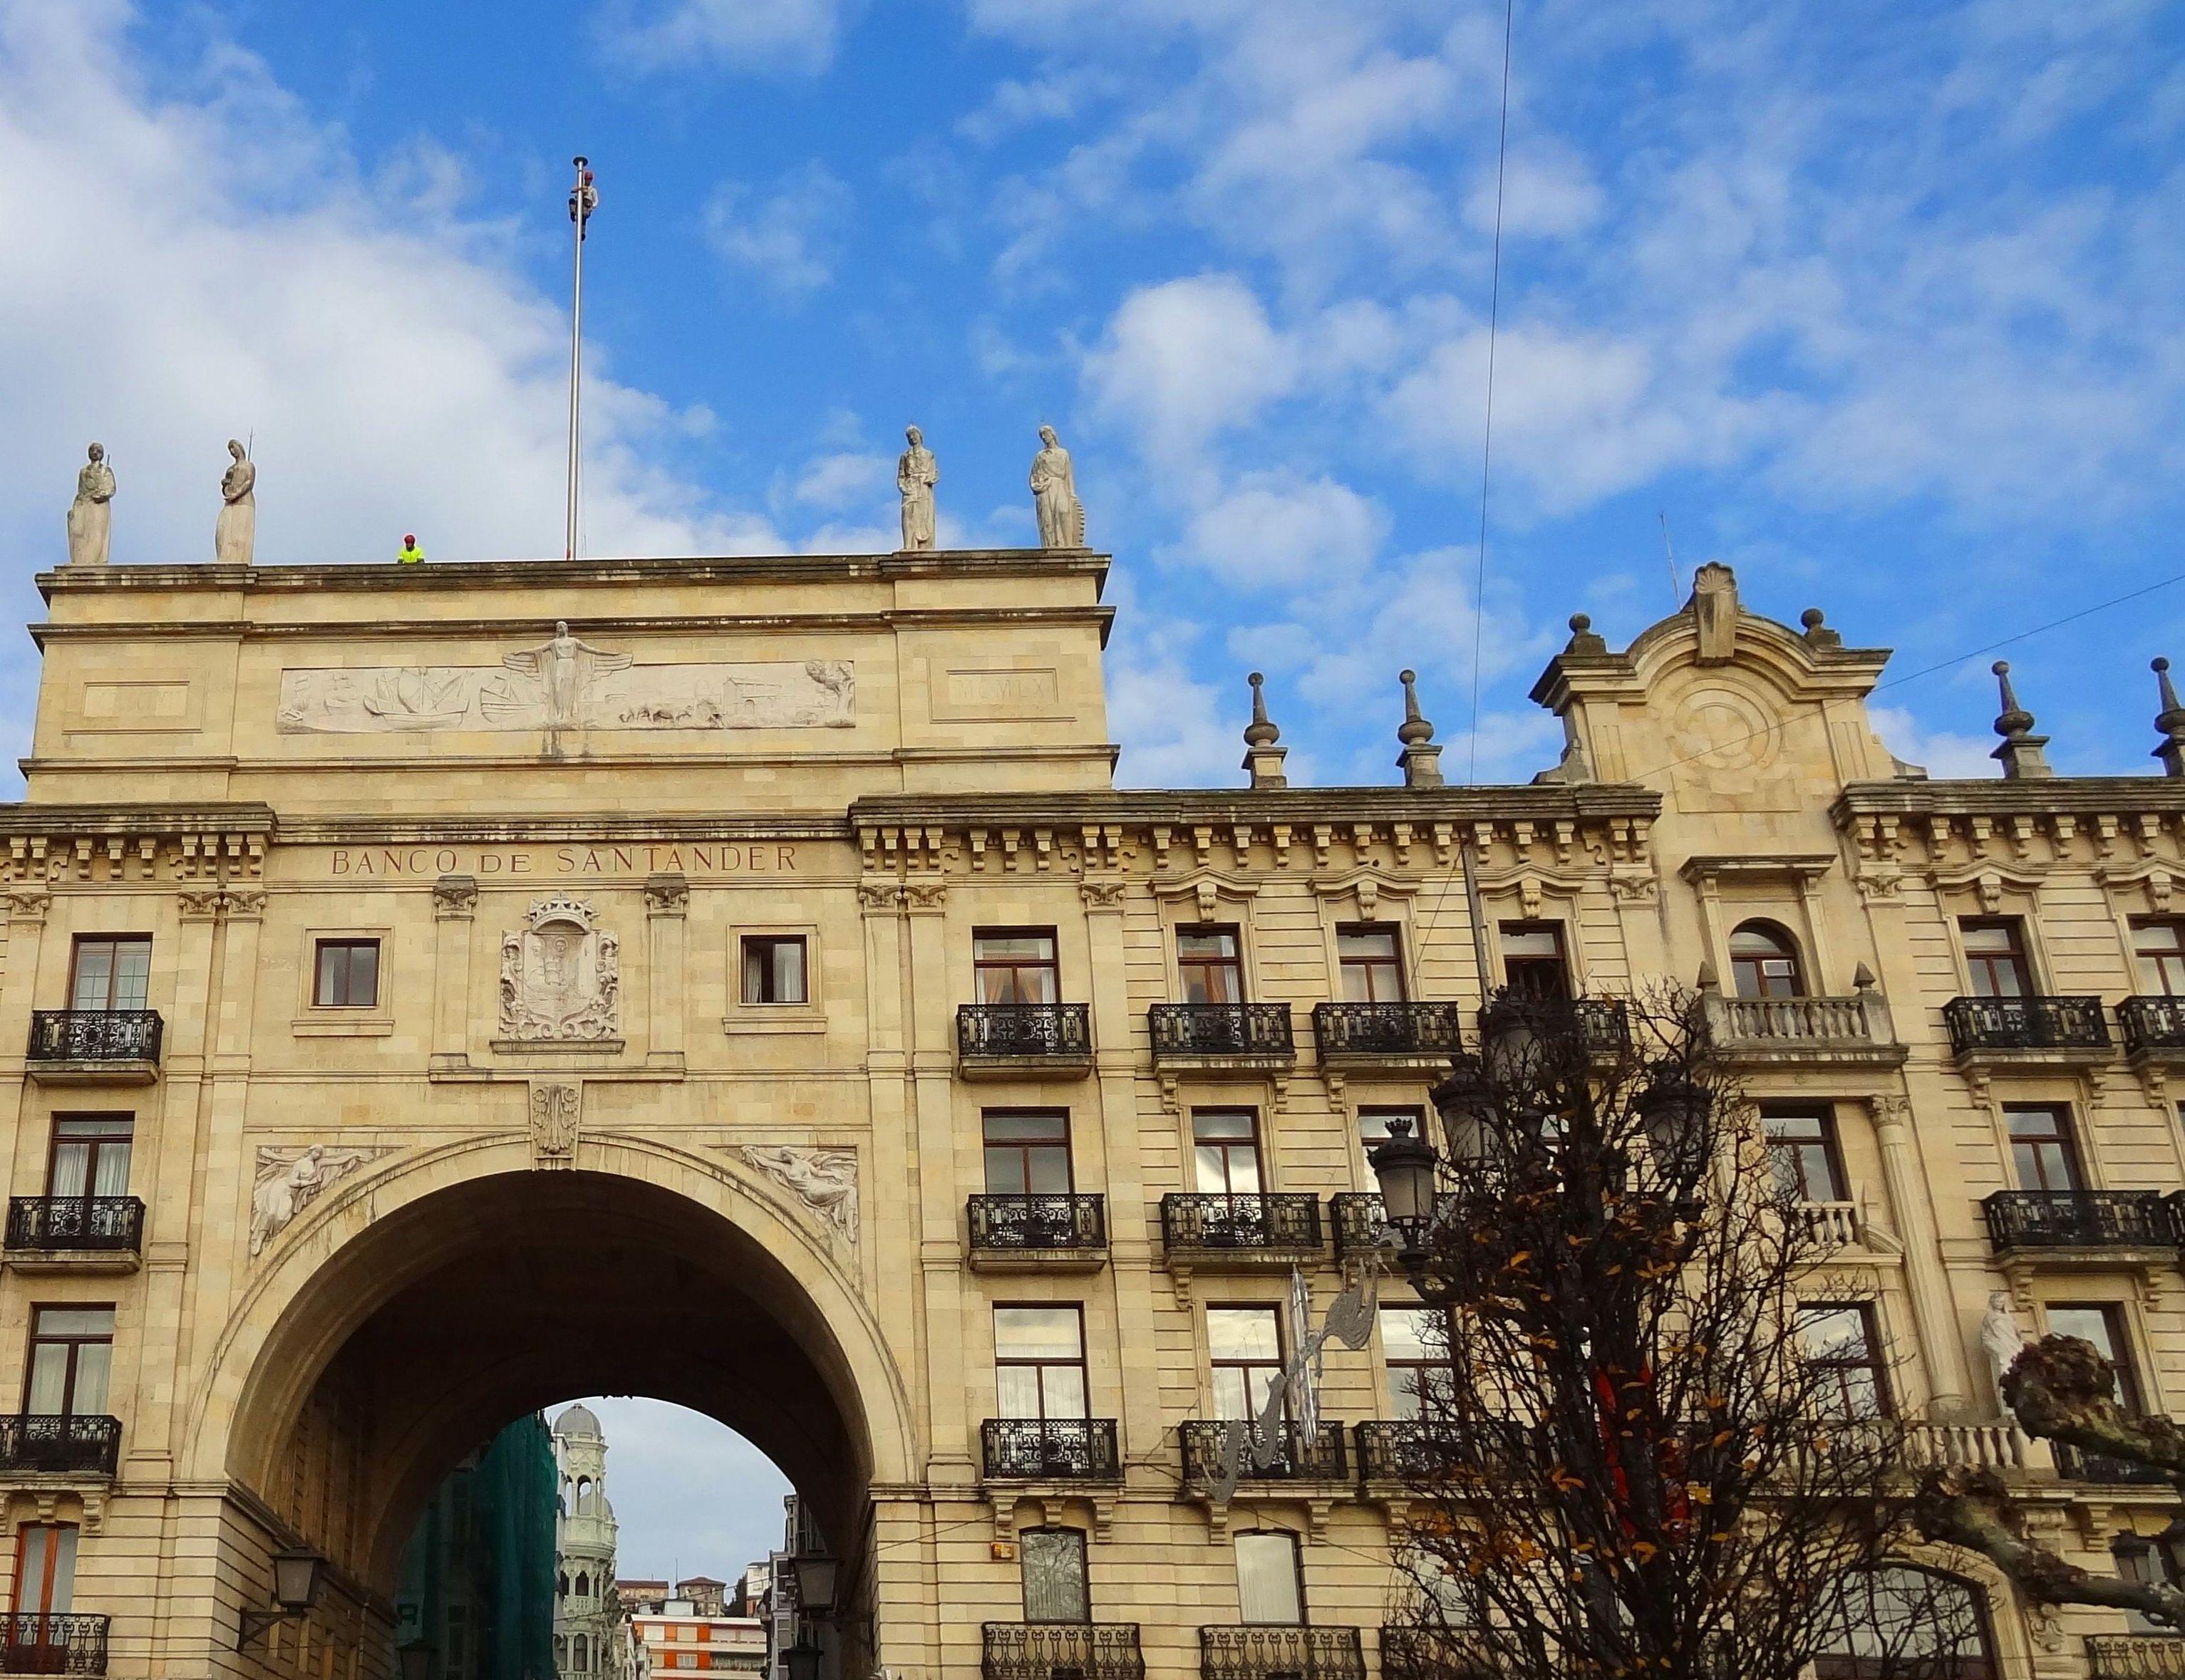 Bandera del banco santander sustituci n de banderas trabajos de fachadas cantabria - Casas de banco santander ...